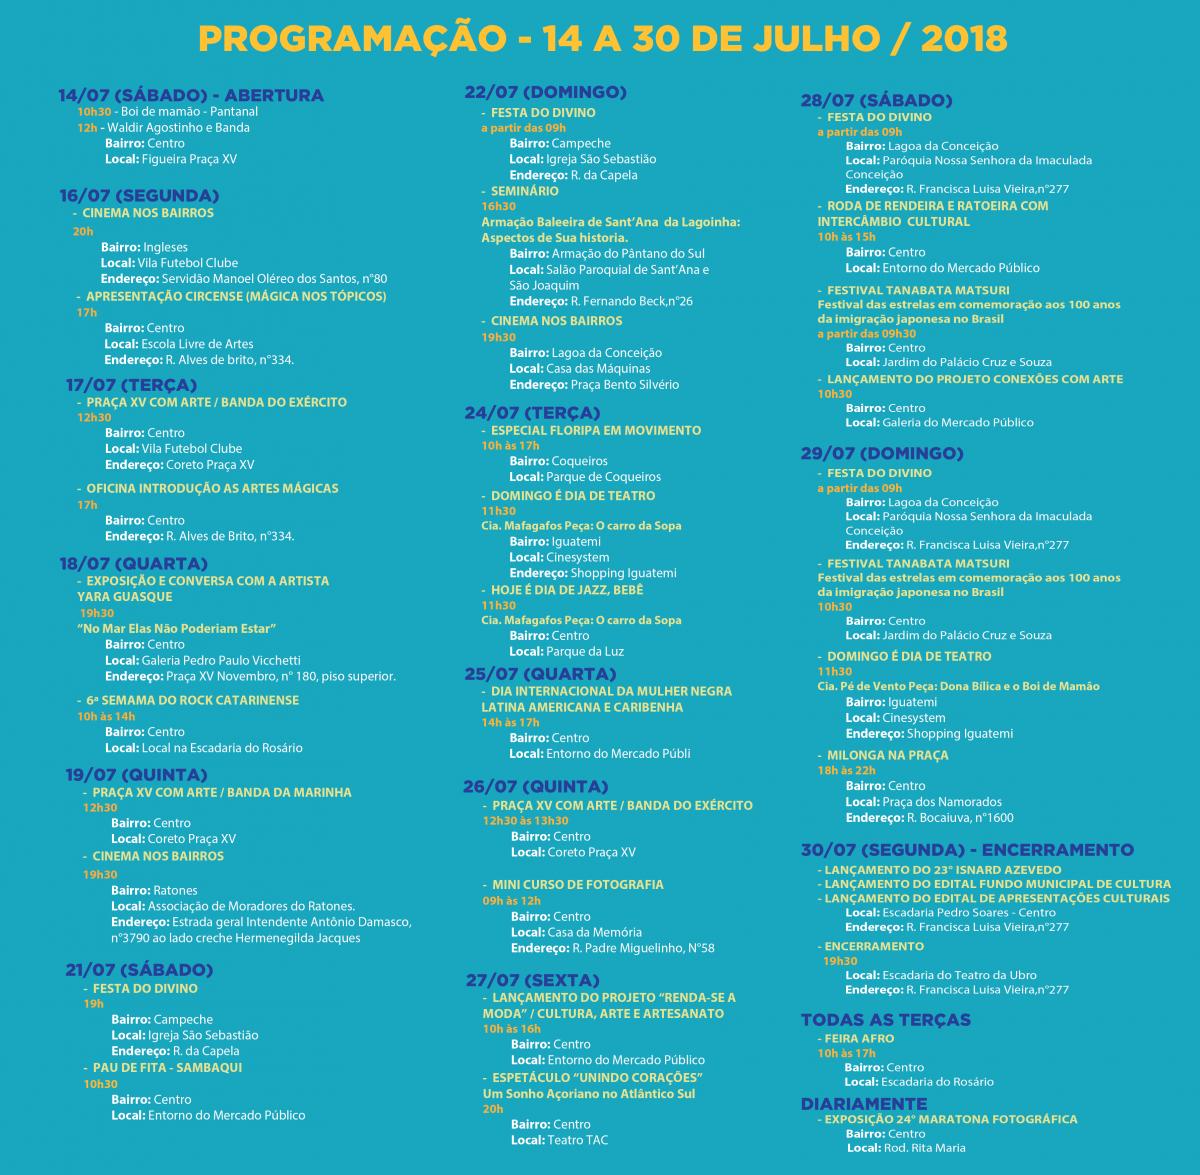 Programação do aniversário da Fundação Franklin Cascaes - Divulgação/ND